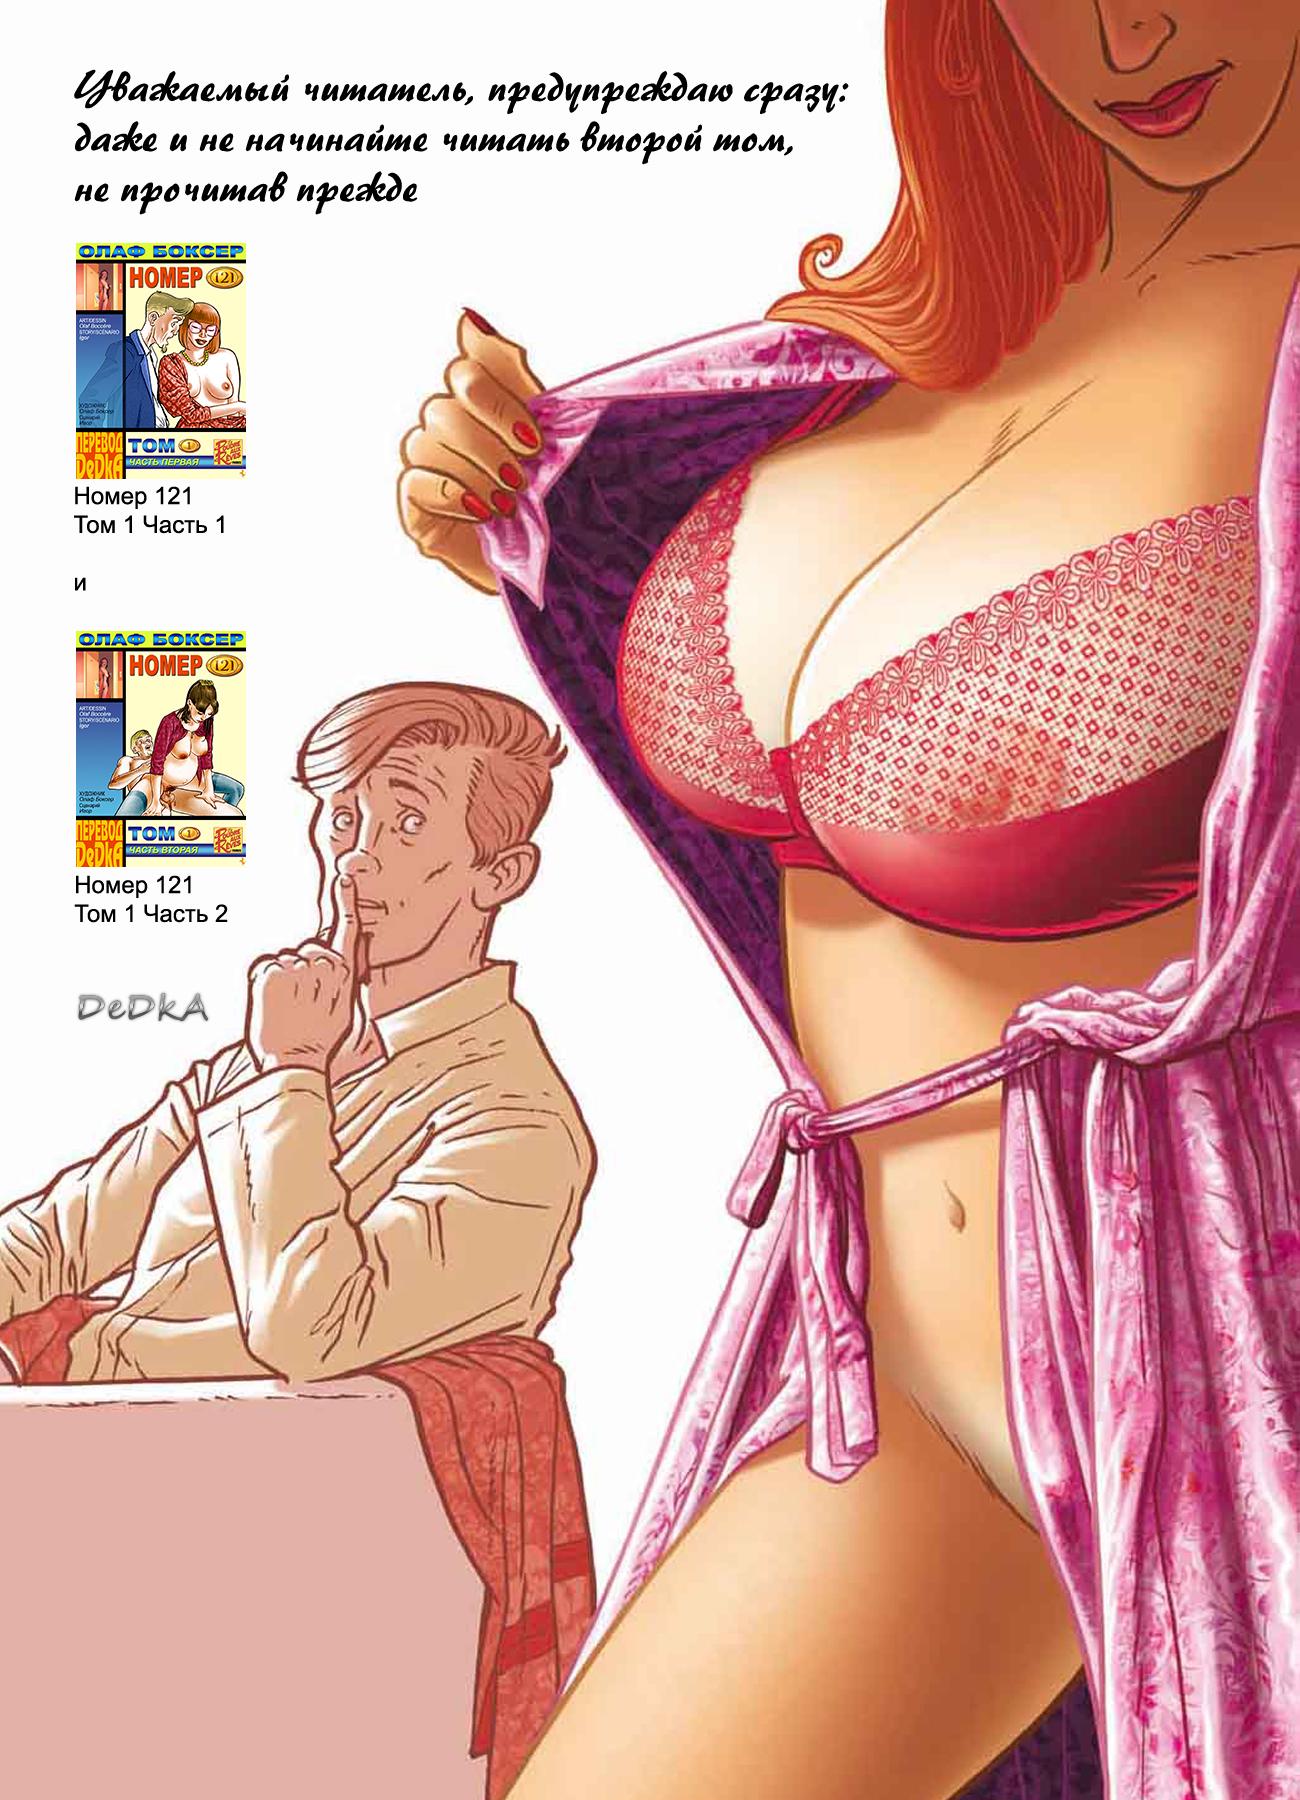 Ретро порно комиксы и фото 3 фотография